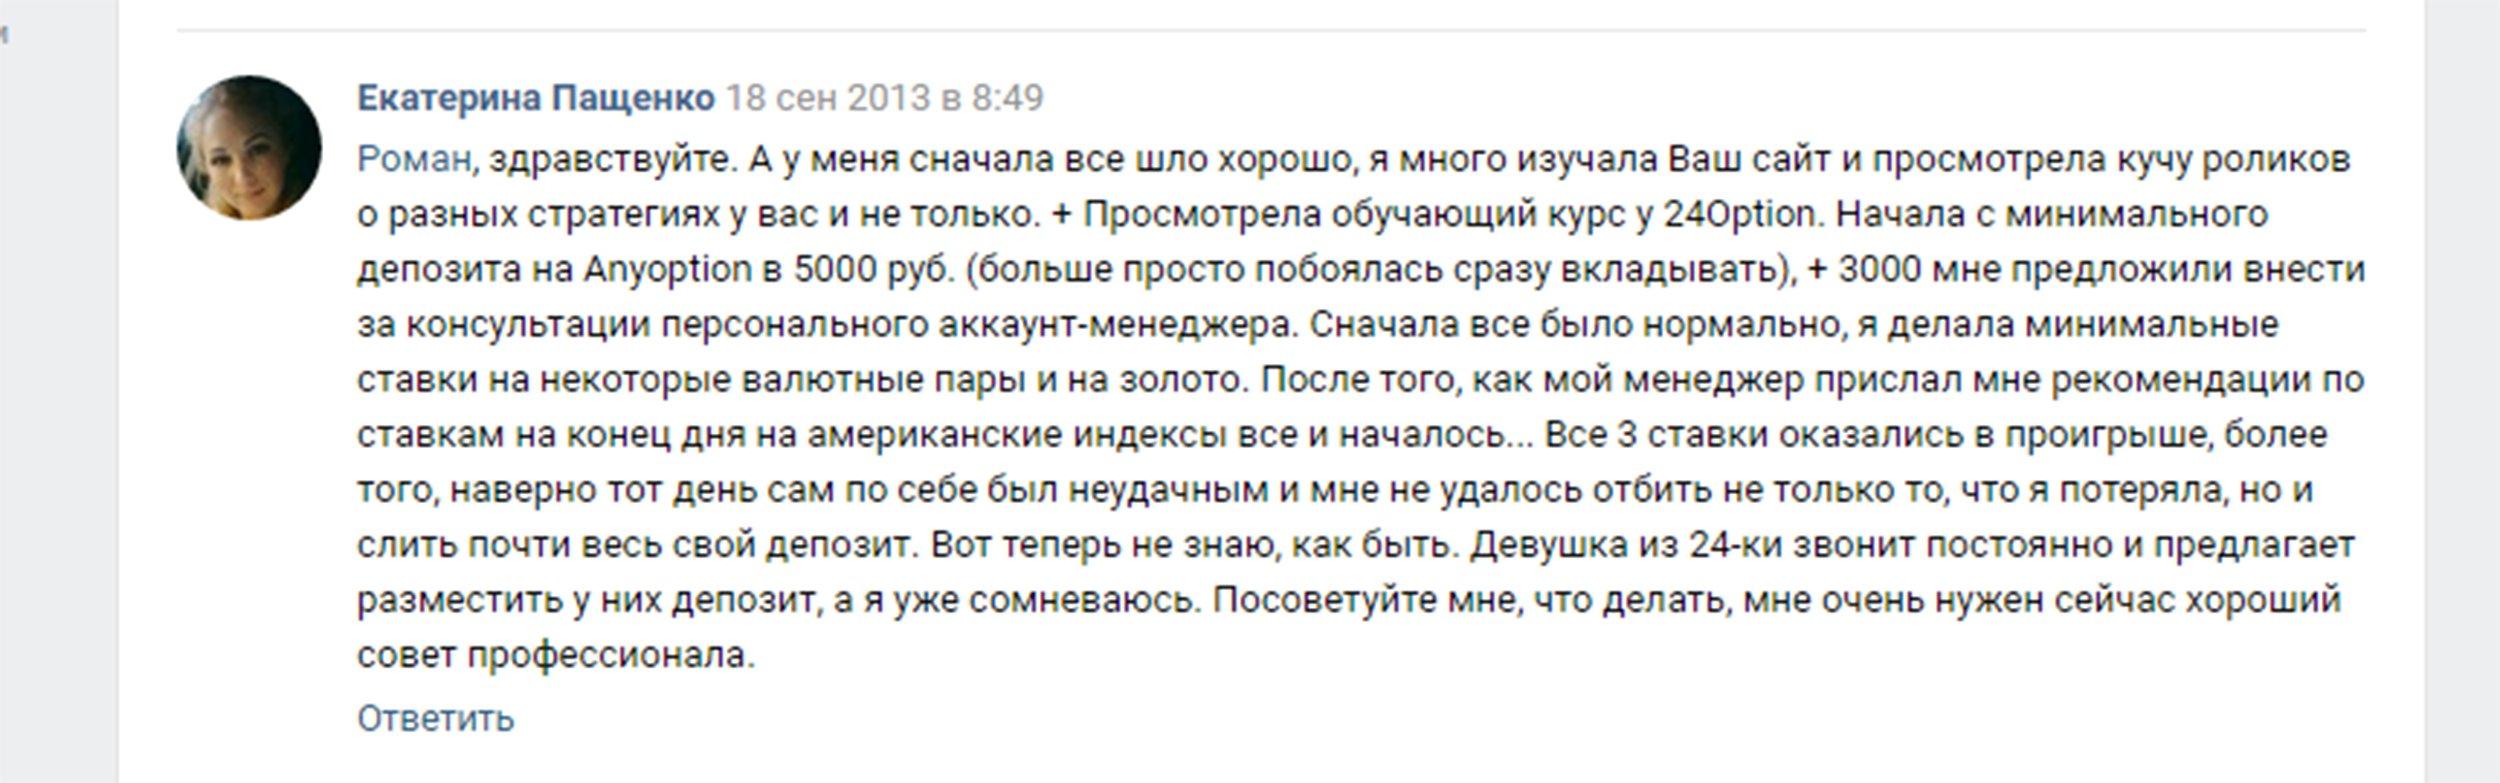 gta-kriminalnaya-rossiya-kak-zarabotat-mnogo-deneg-1